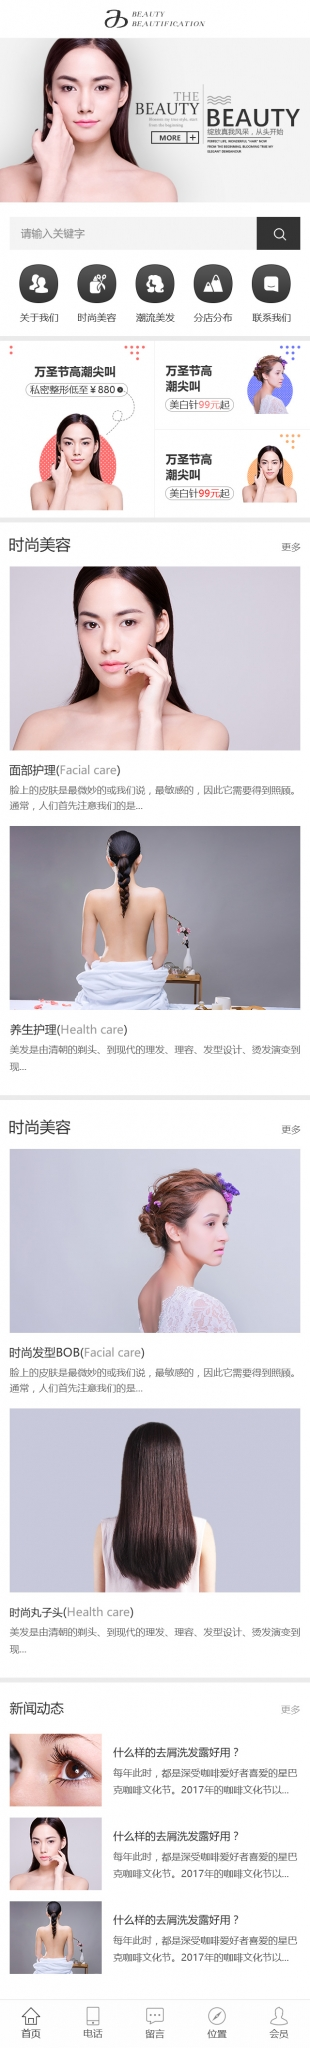 美容美发类狗万官网网页_狗万禁止投注_狗万:平台通用模板手机图片